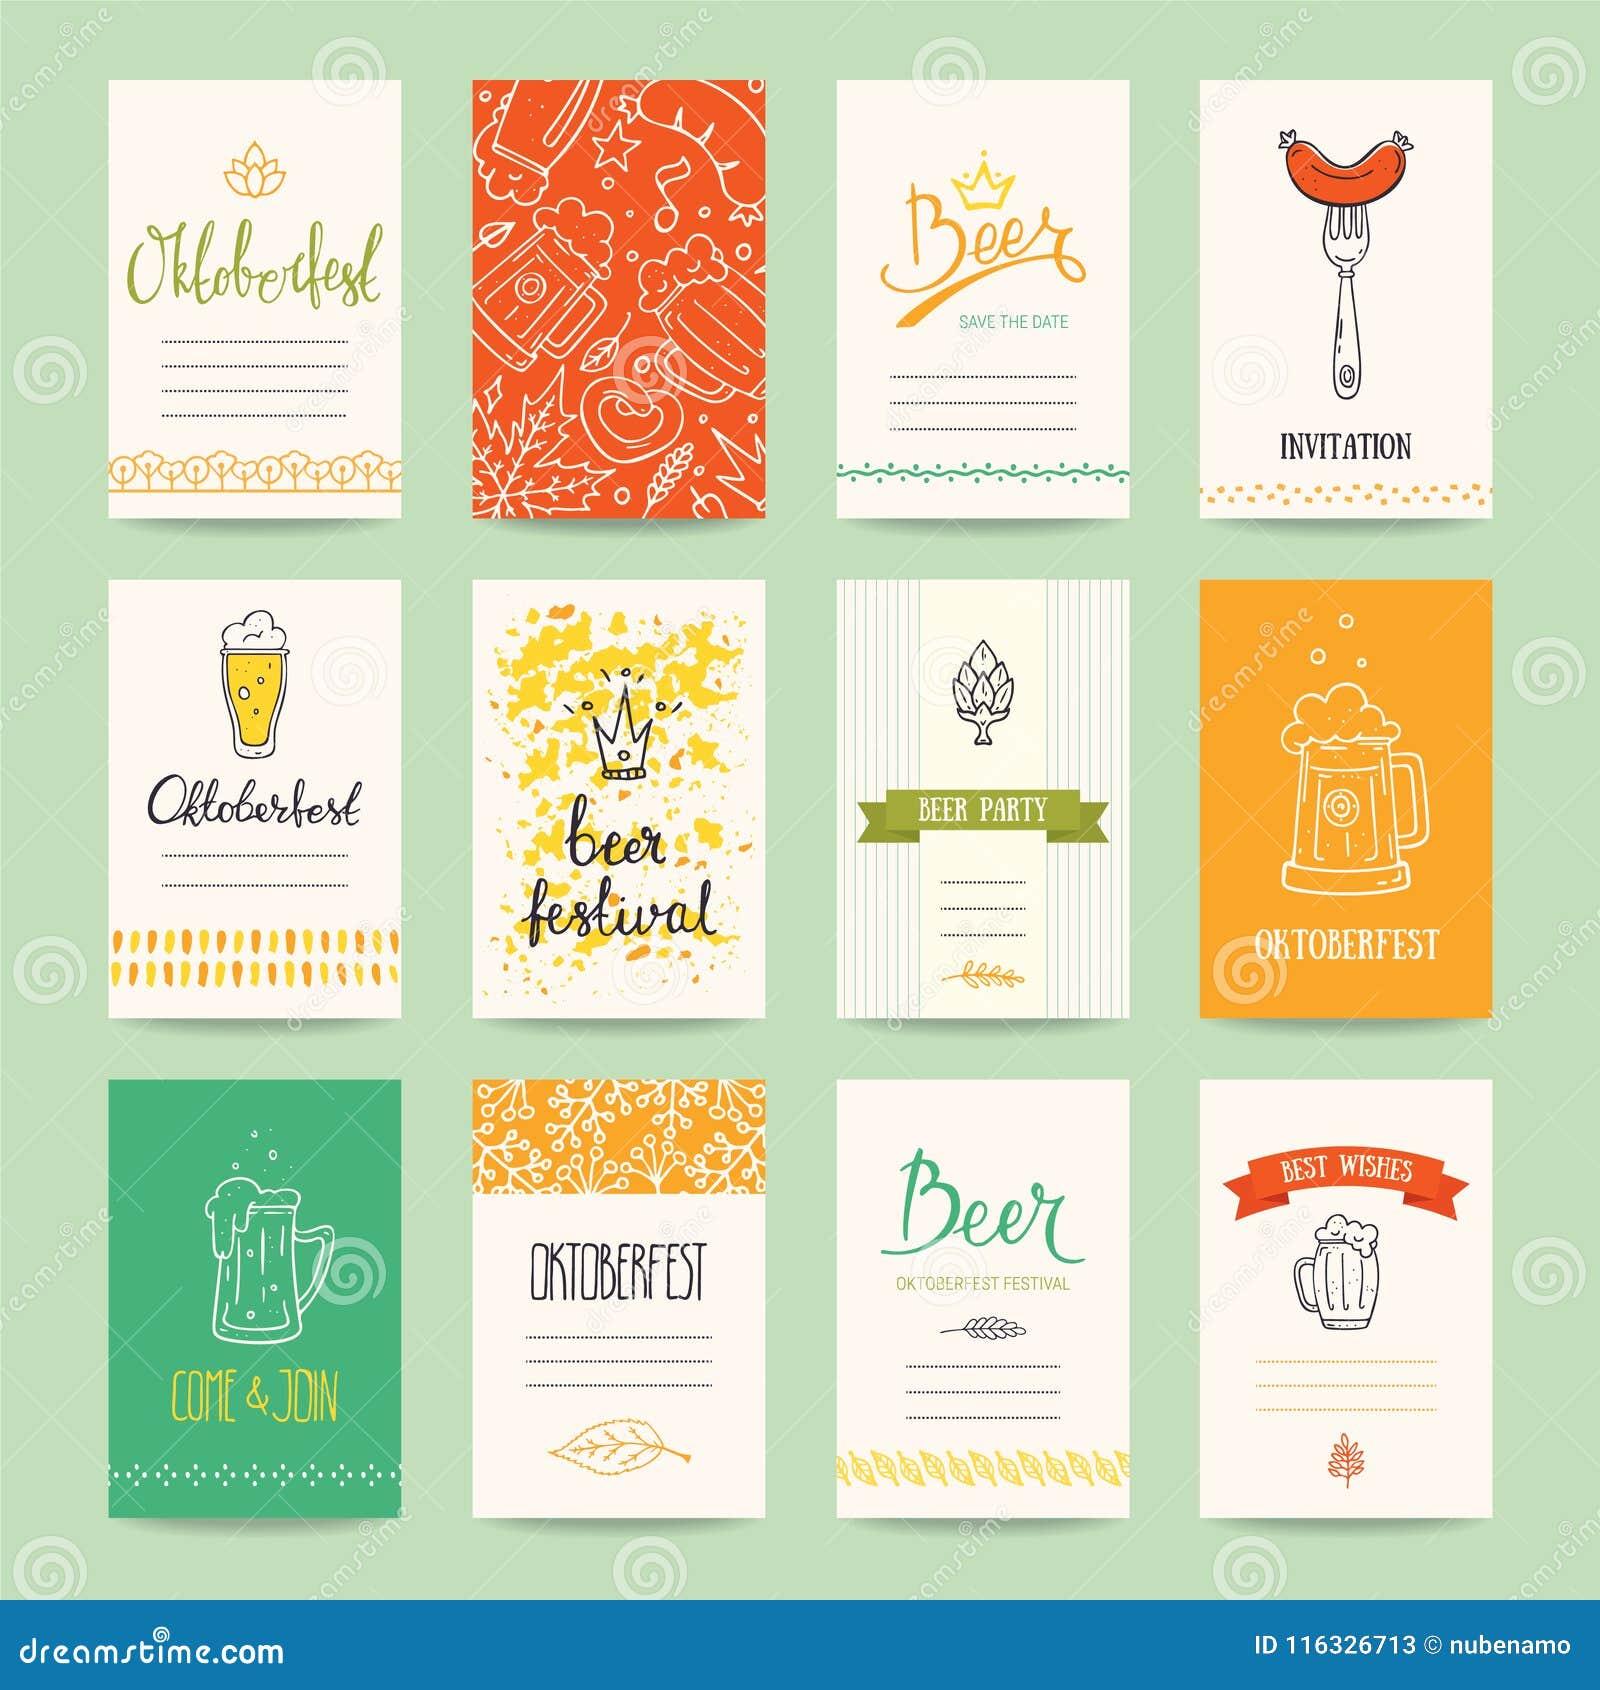 Oktoberfest Beer Festival Flyer Poster Template Stock Vector